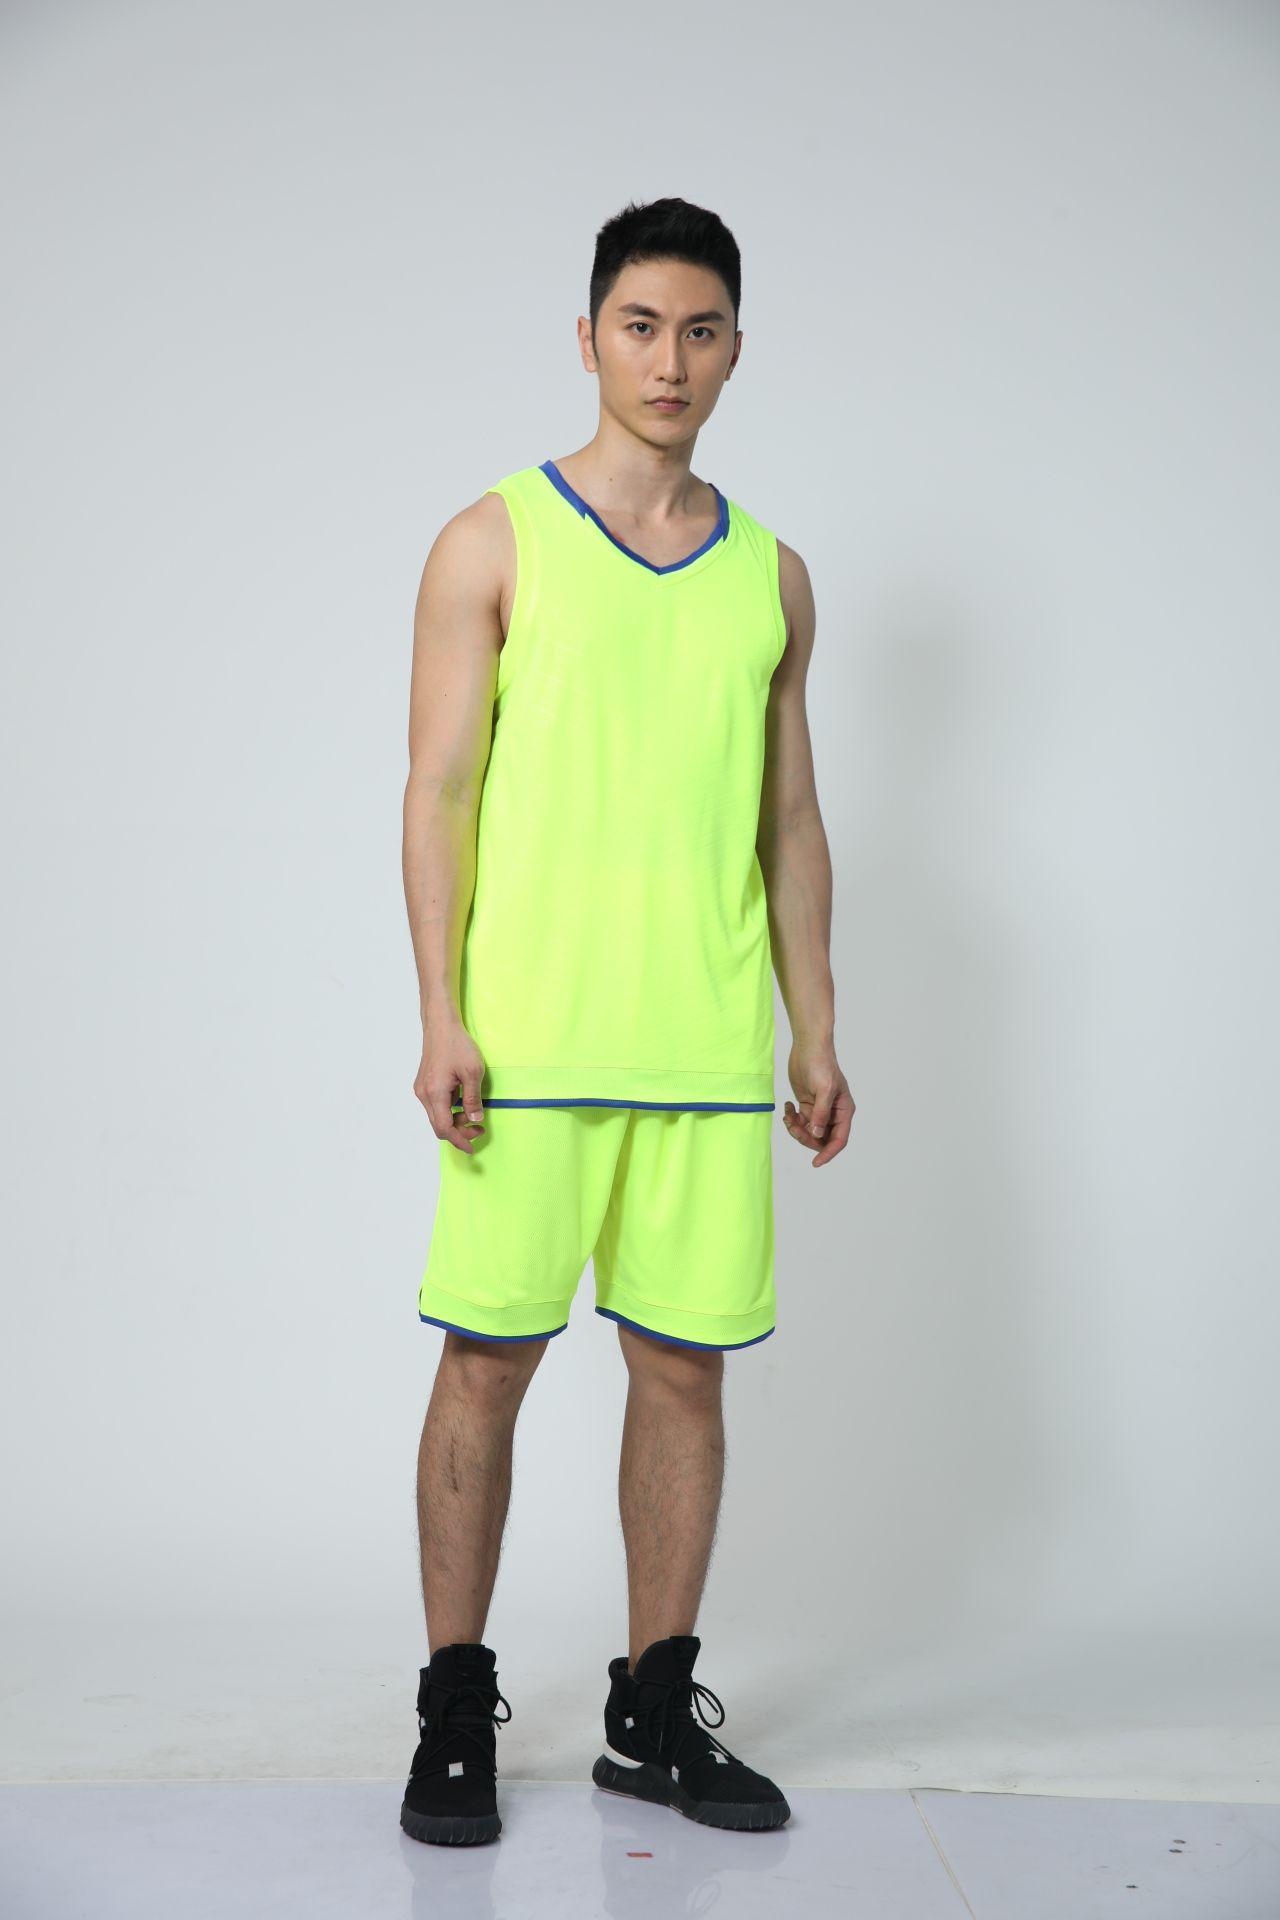 Giyim Badminton Giyim Gömlek Bayan / Bay Golf Luoma tişört Masa Tenisi Gömlek Hızlı Kuru Nefes Eğitimi Spor Gömlek